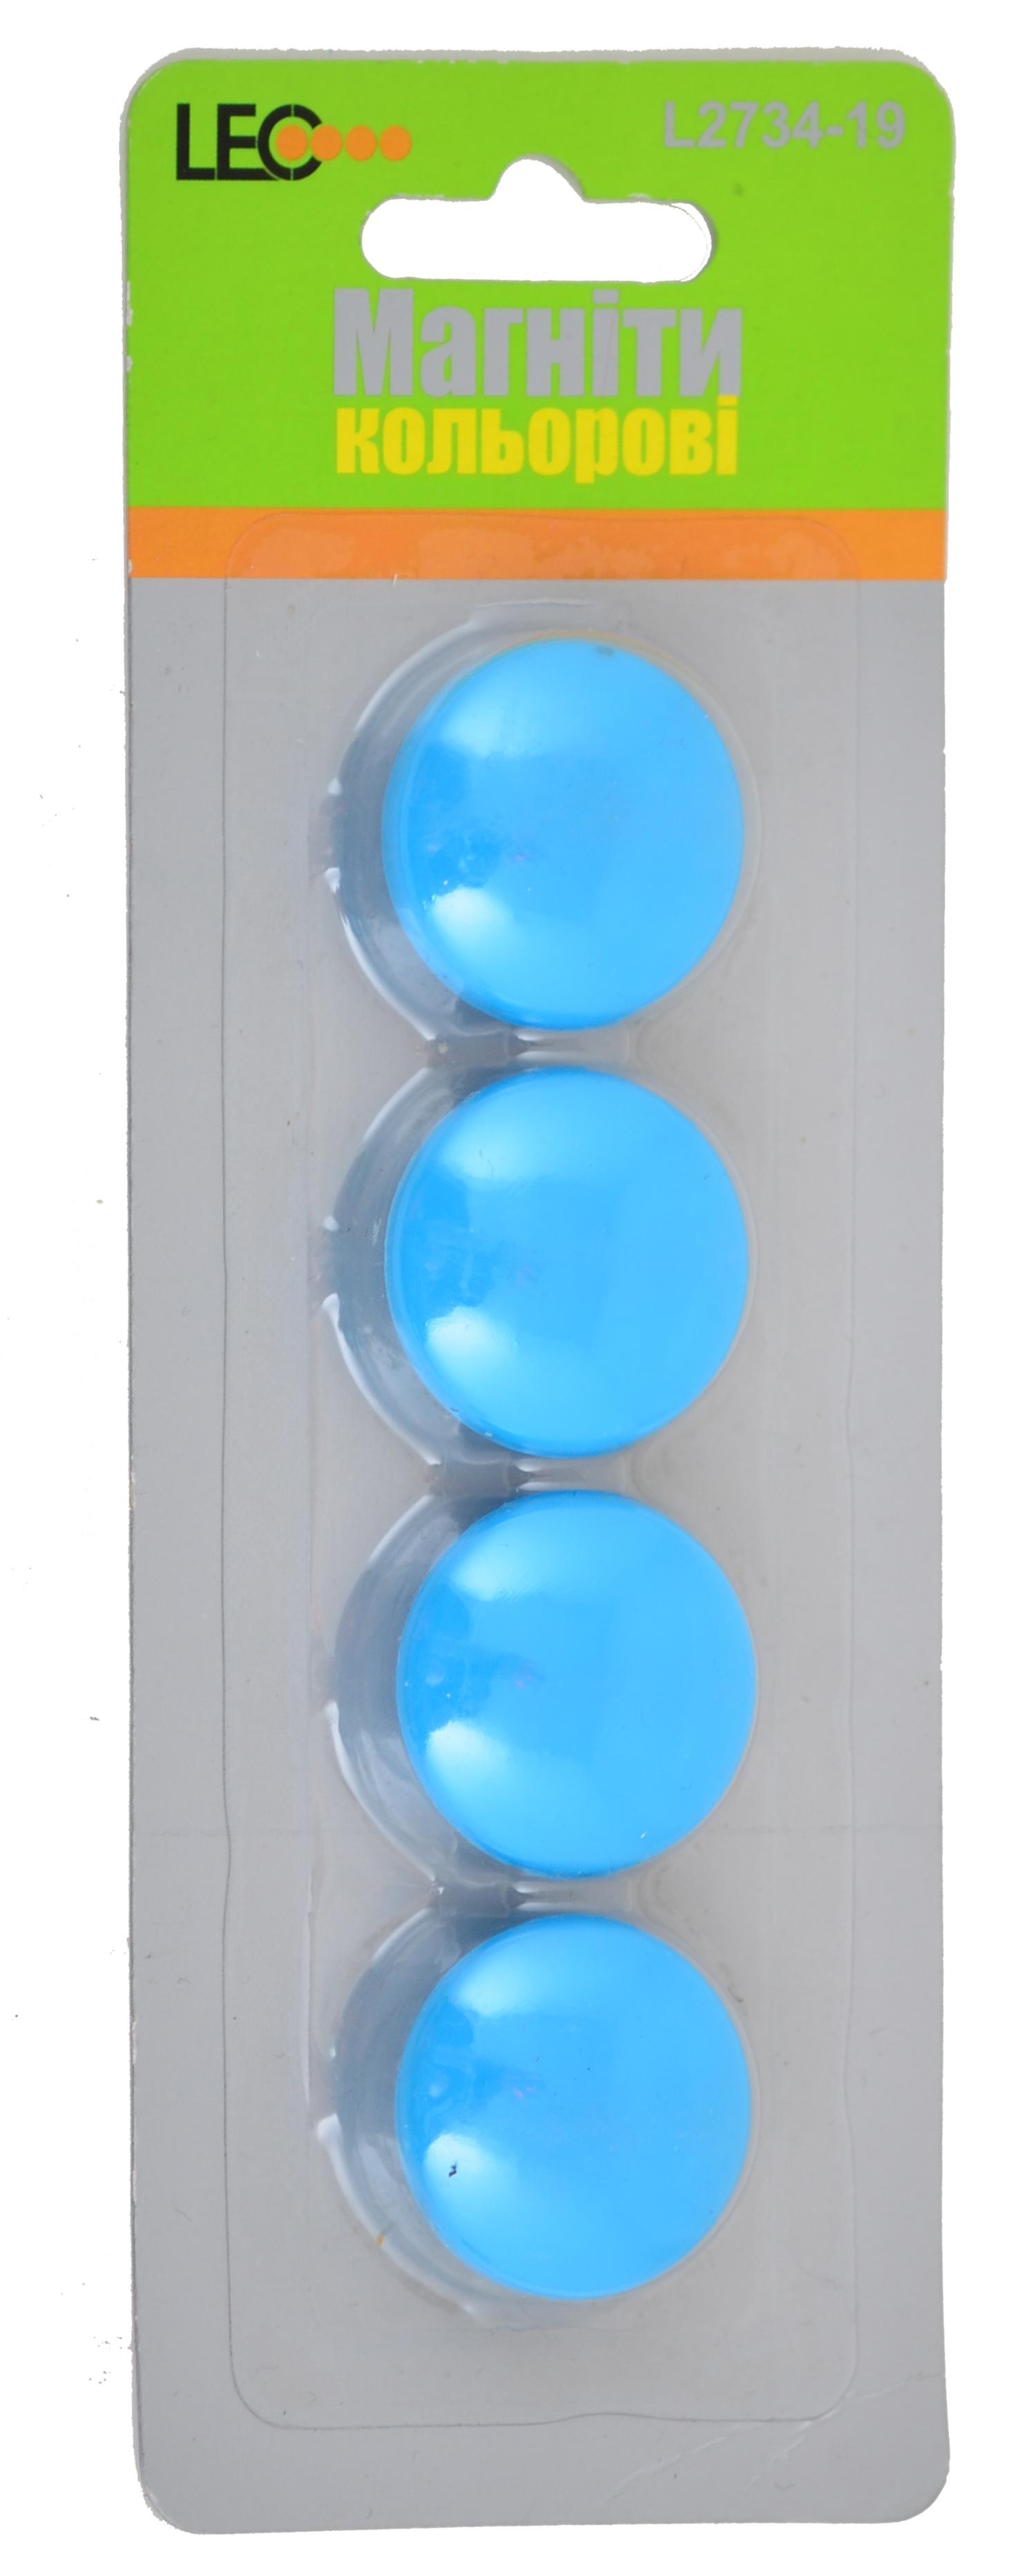 Магниты для досок 4шт/уп L2734-19 неон бирюзовый